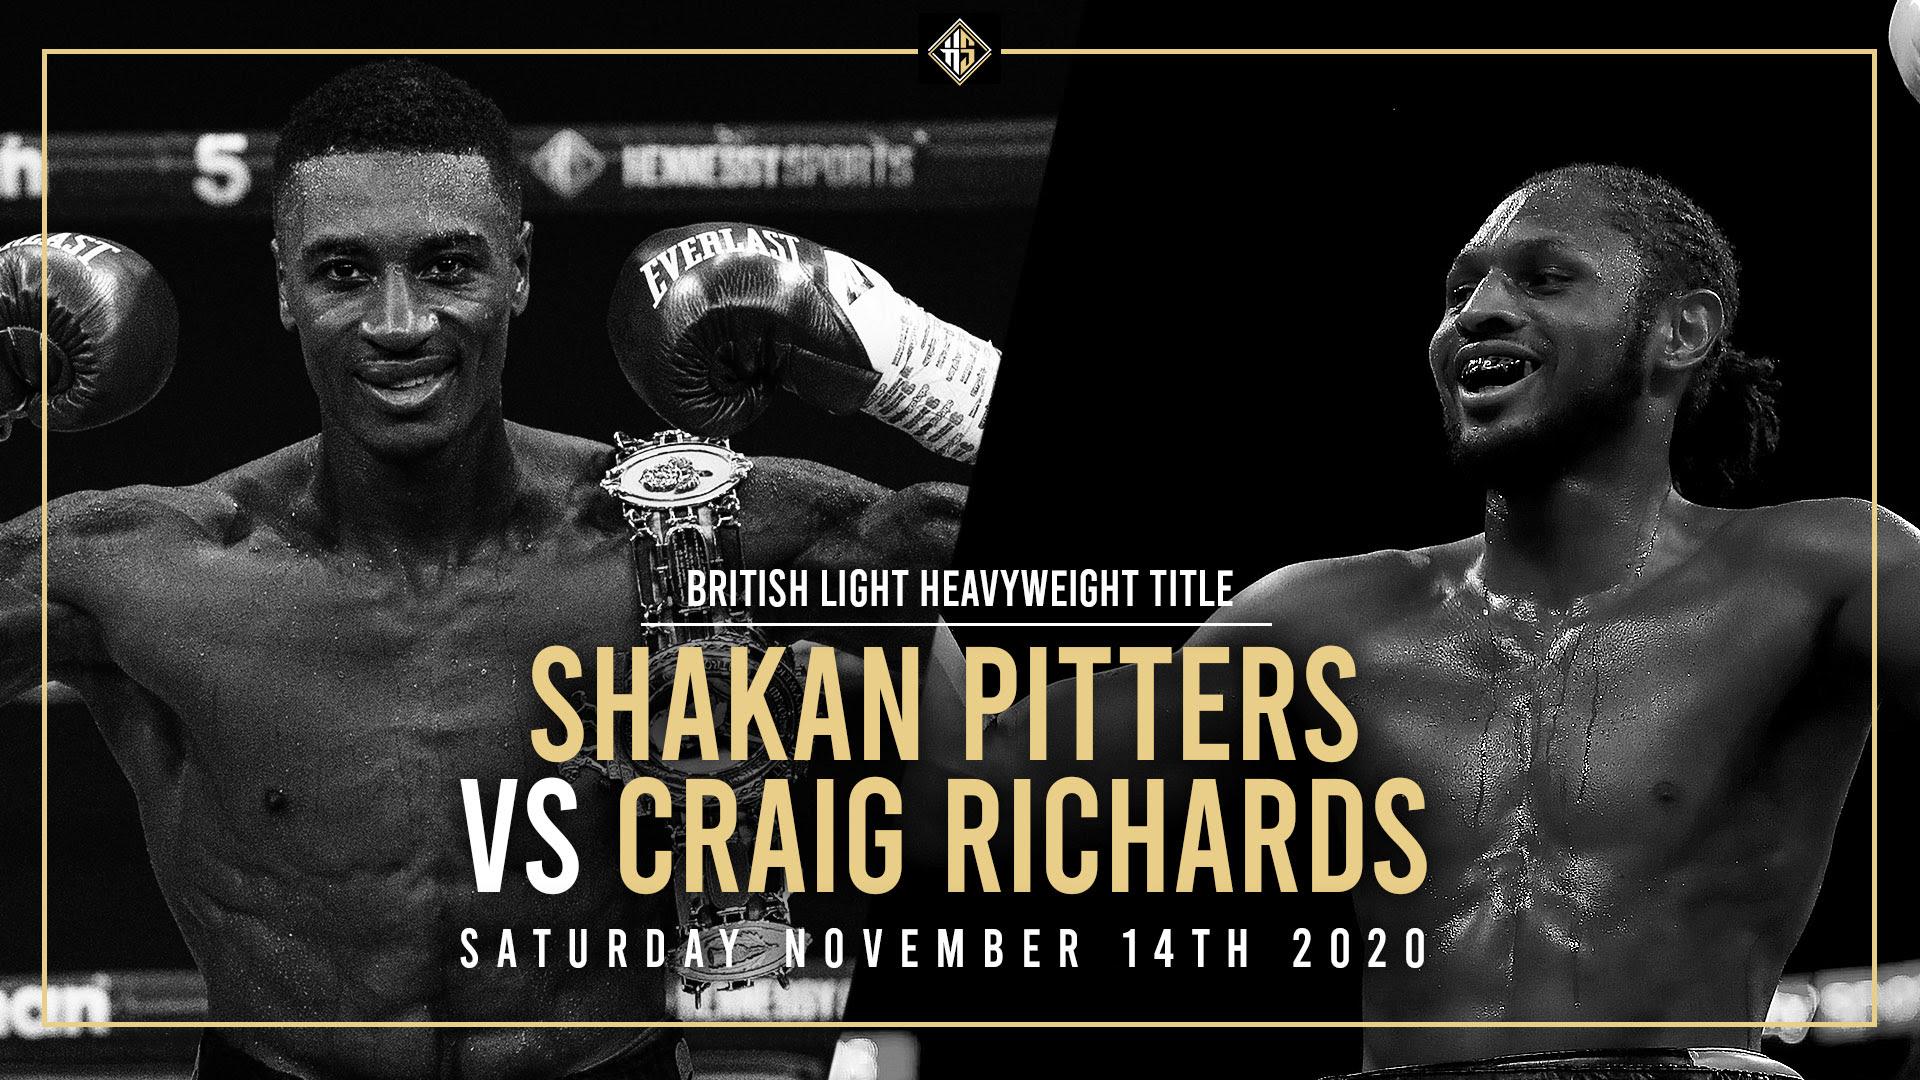 Shakan Pitters vs Shakan Pitters